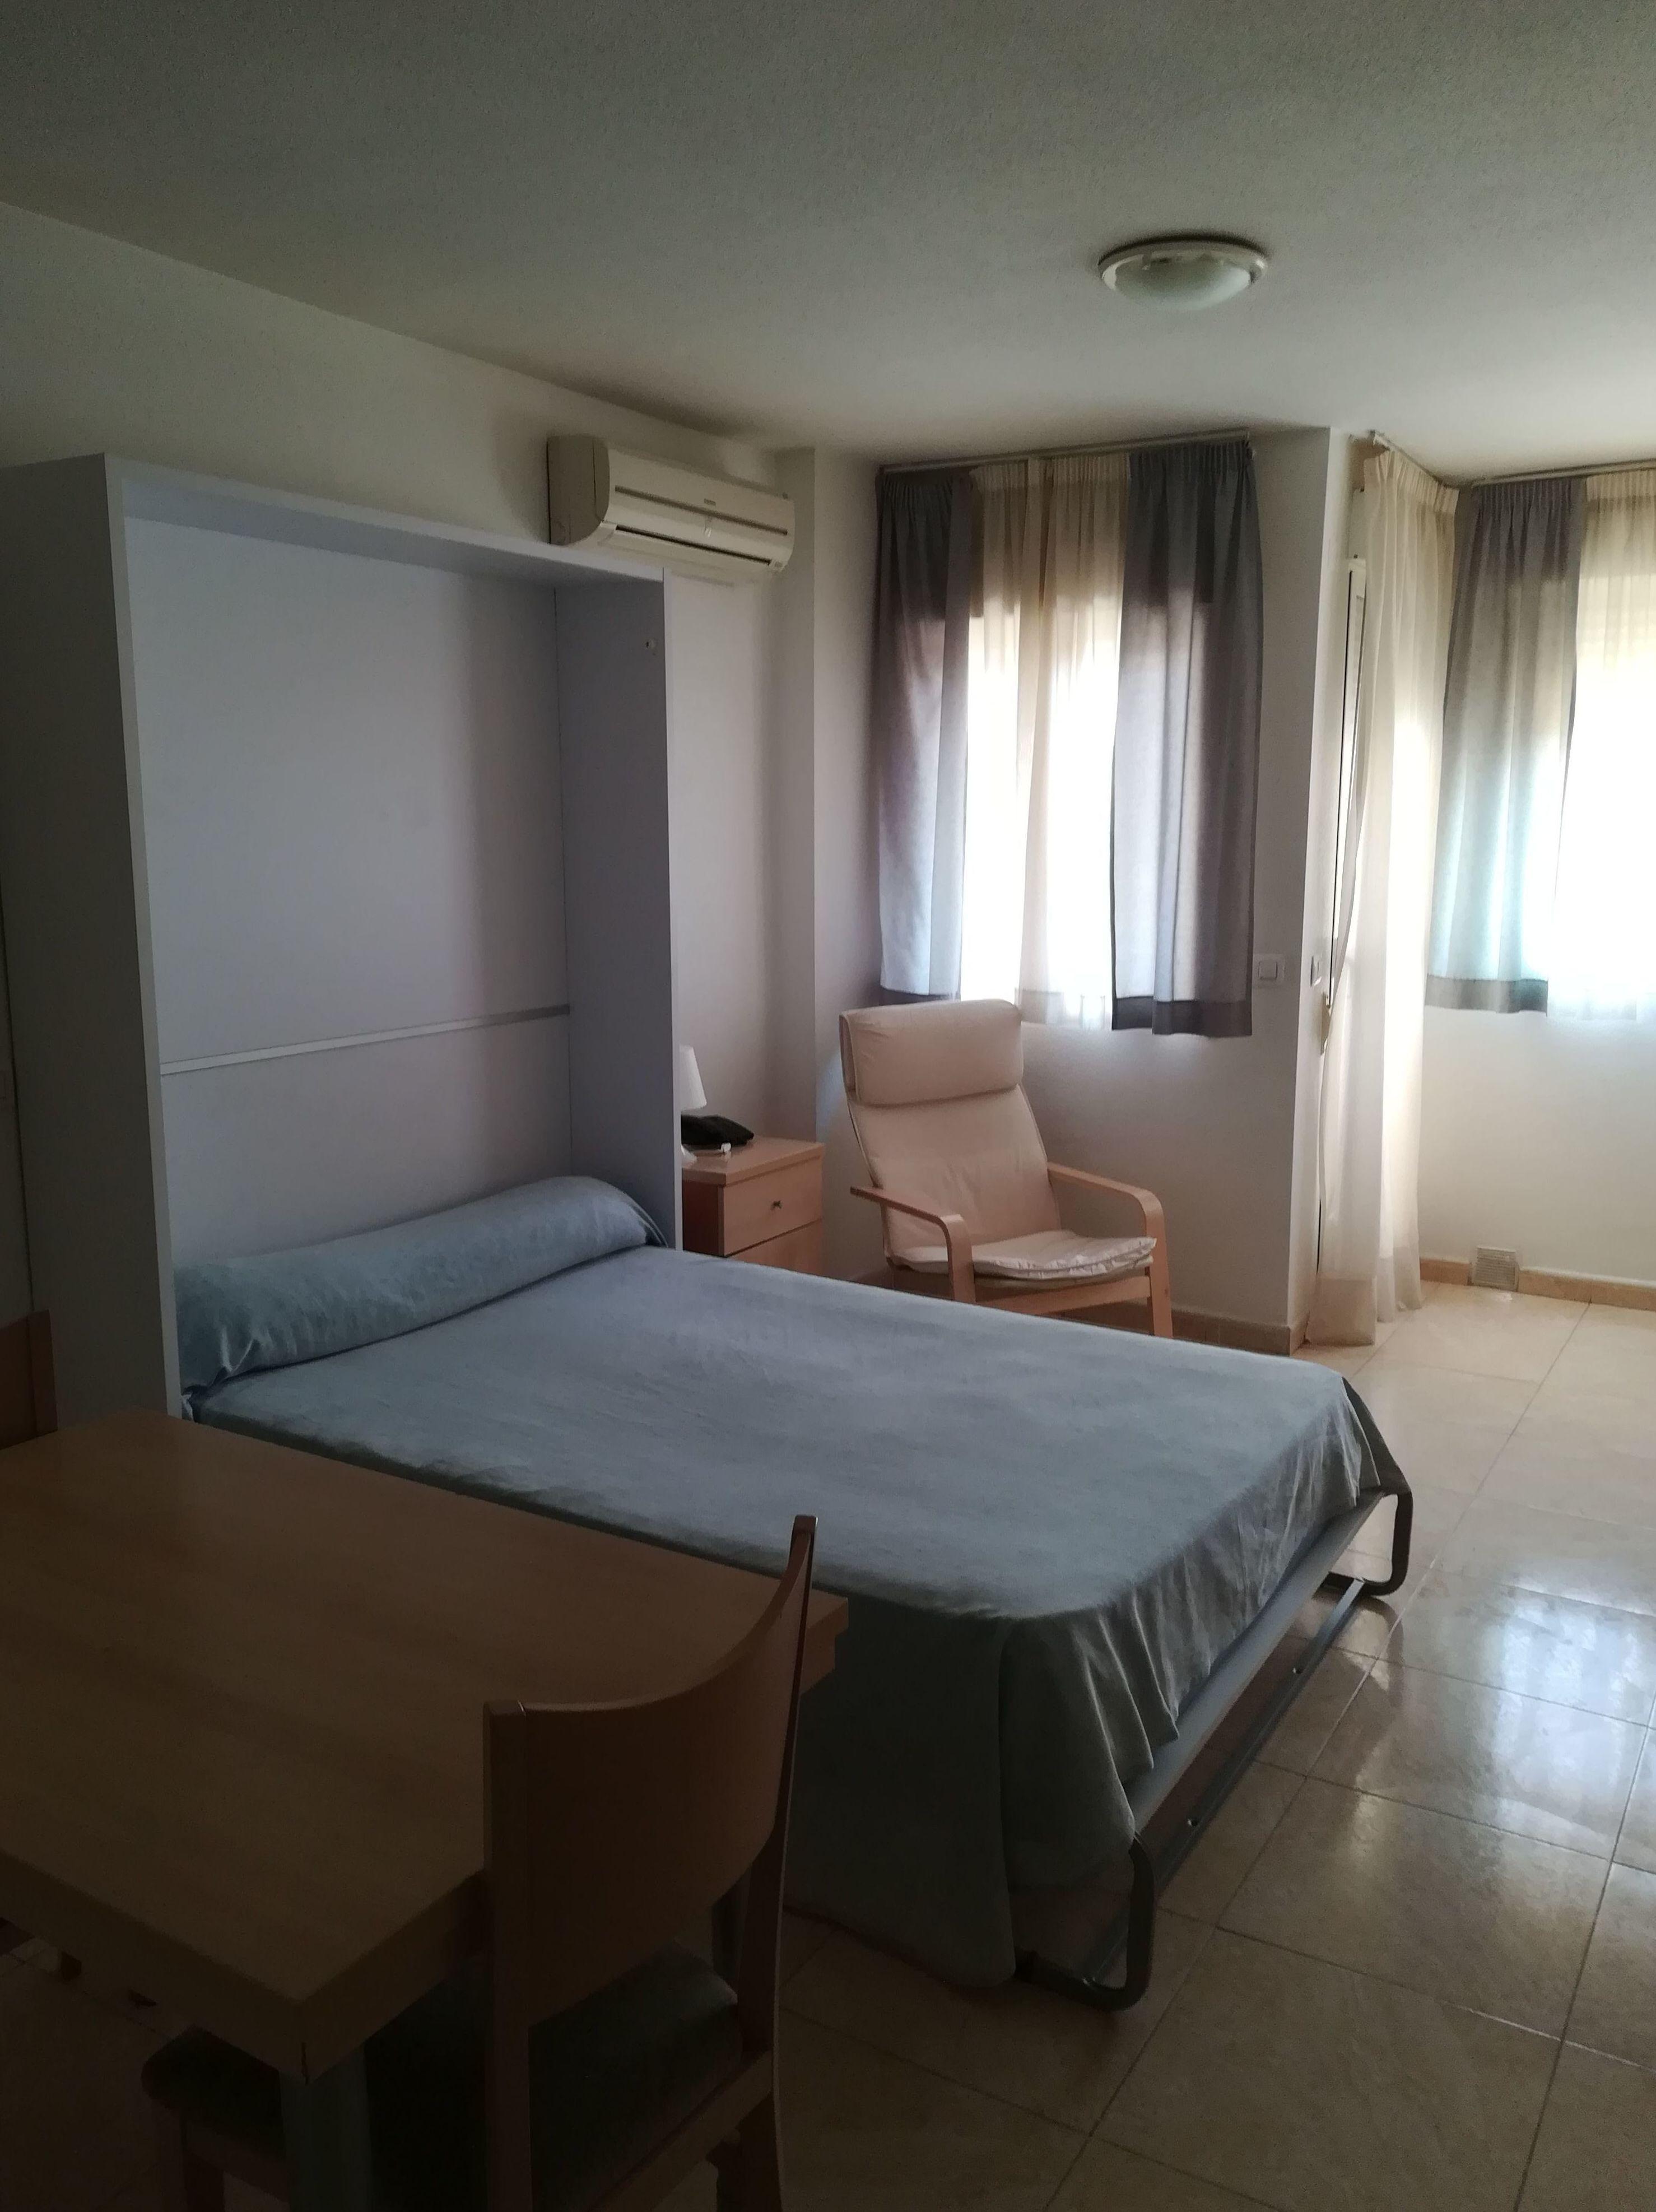 Habitaciones : Apartamentos e instalaciones de Arrixaca Apartamentos Turísticos